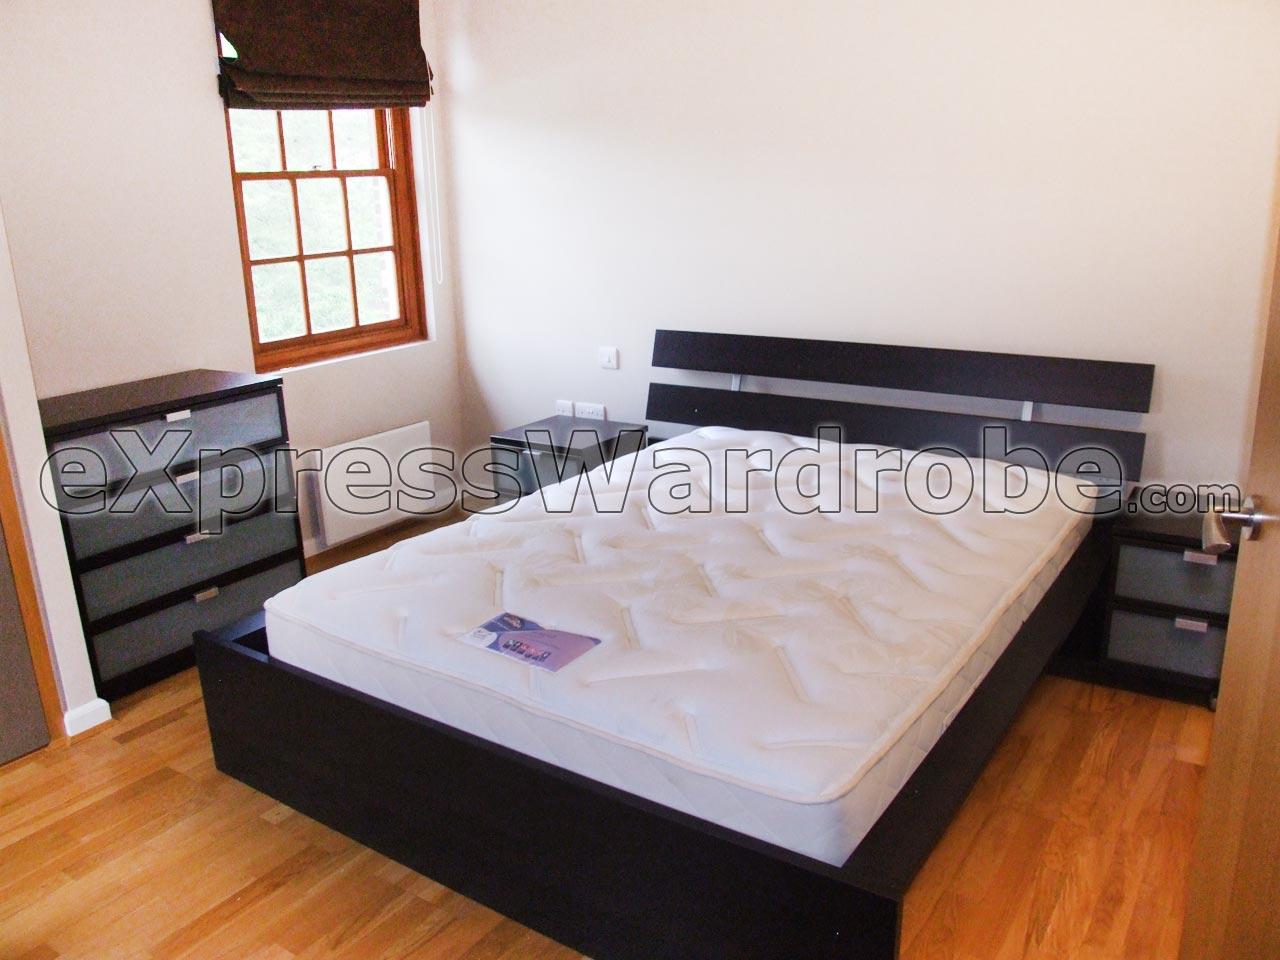 ikea hopen bedroom furniture photo - 3